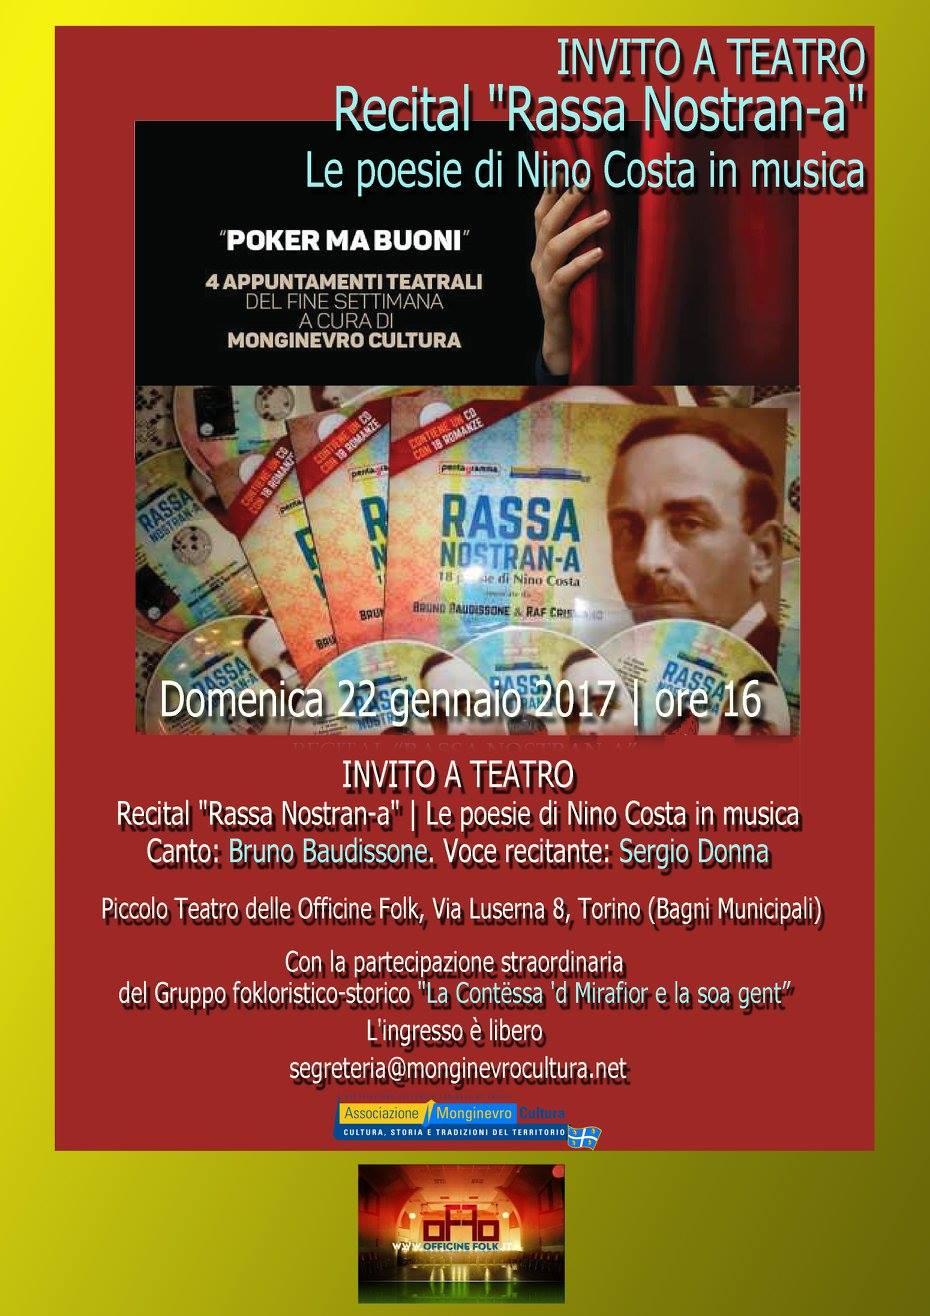 Rassa Nostran-a 22.1.2017